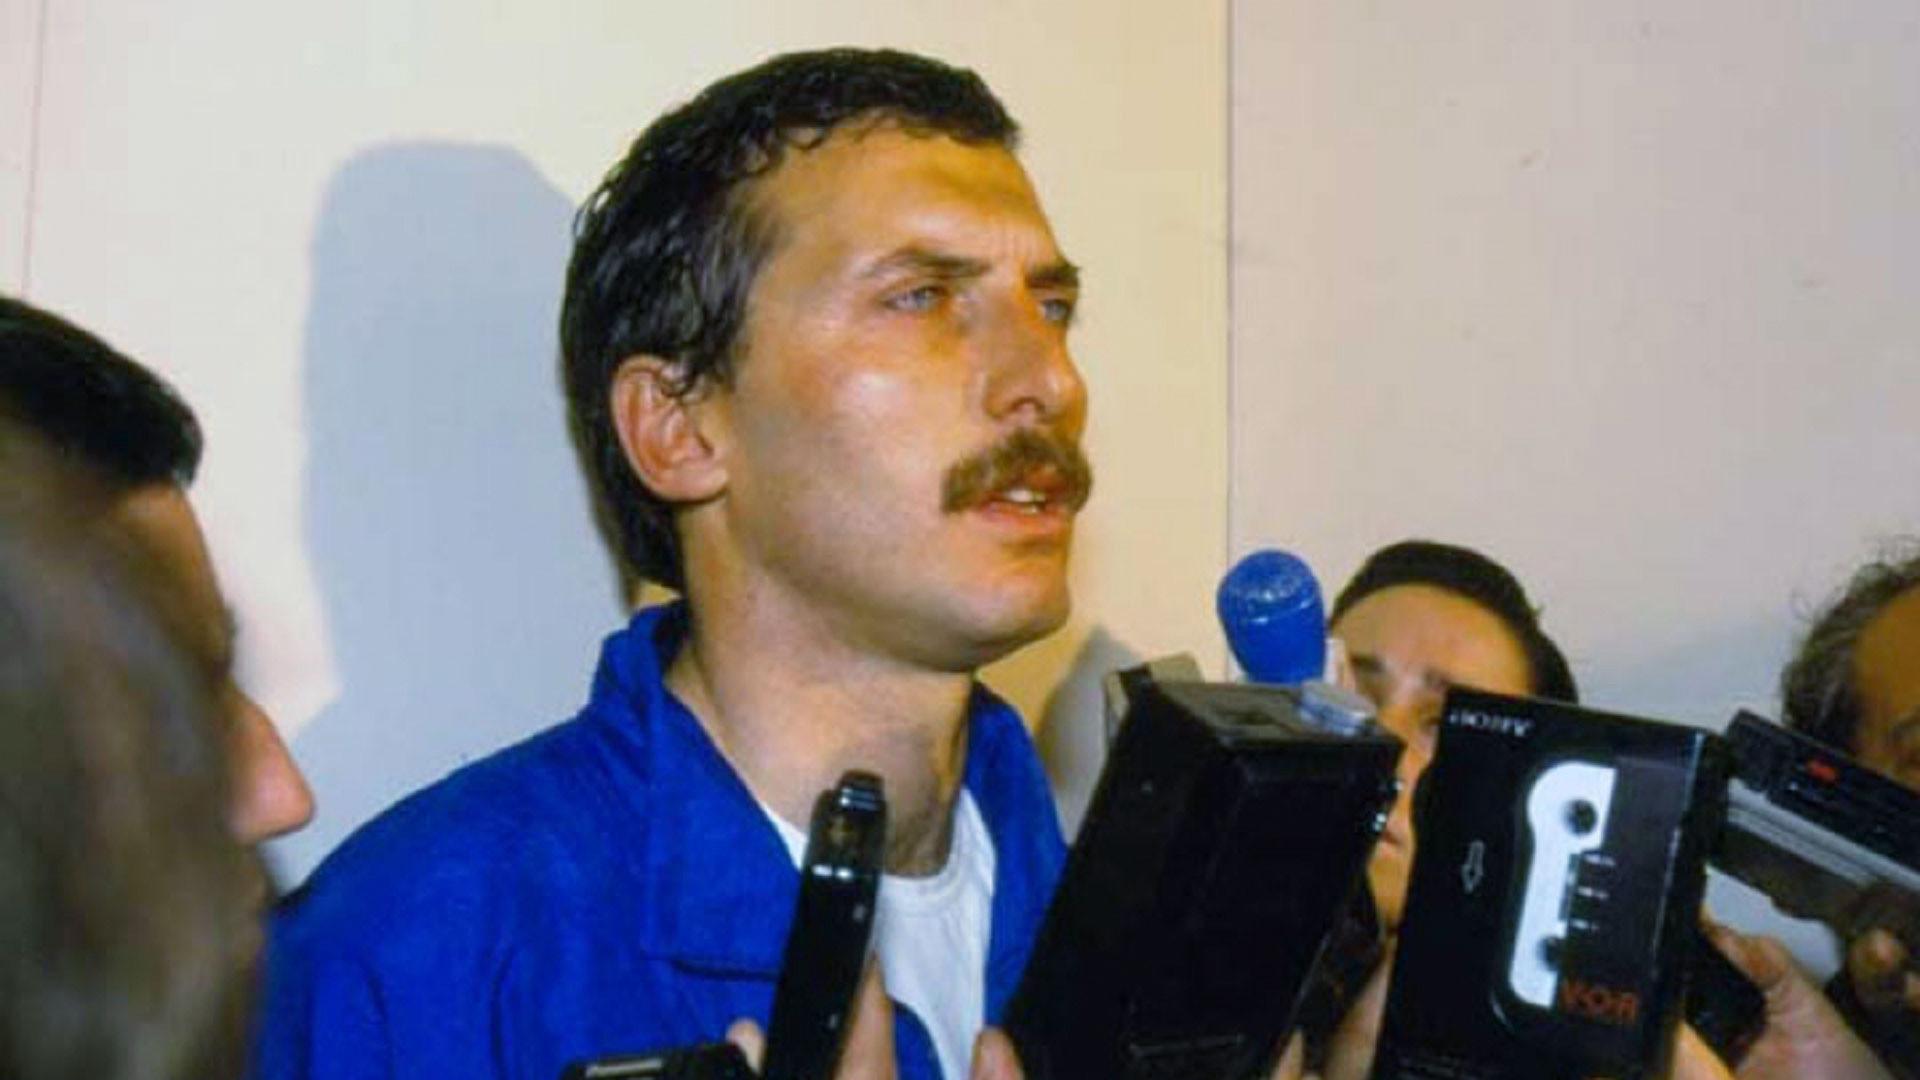 Hablando con la prensa tras el episodio. Macri estuvo cautivo durante 12 días en un sótano en el Bajo Flores.